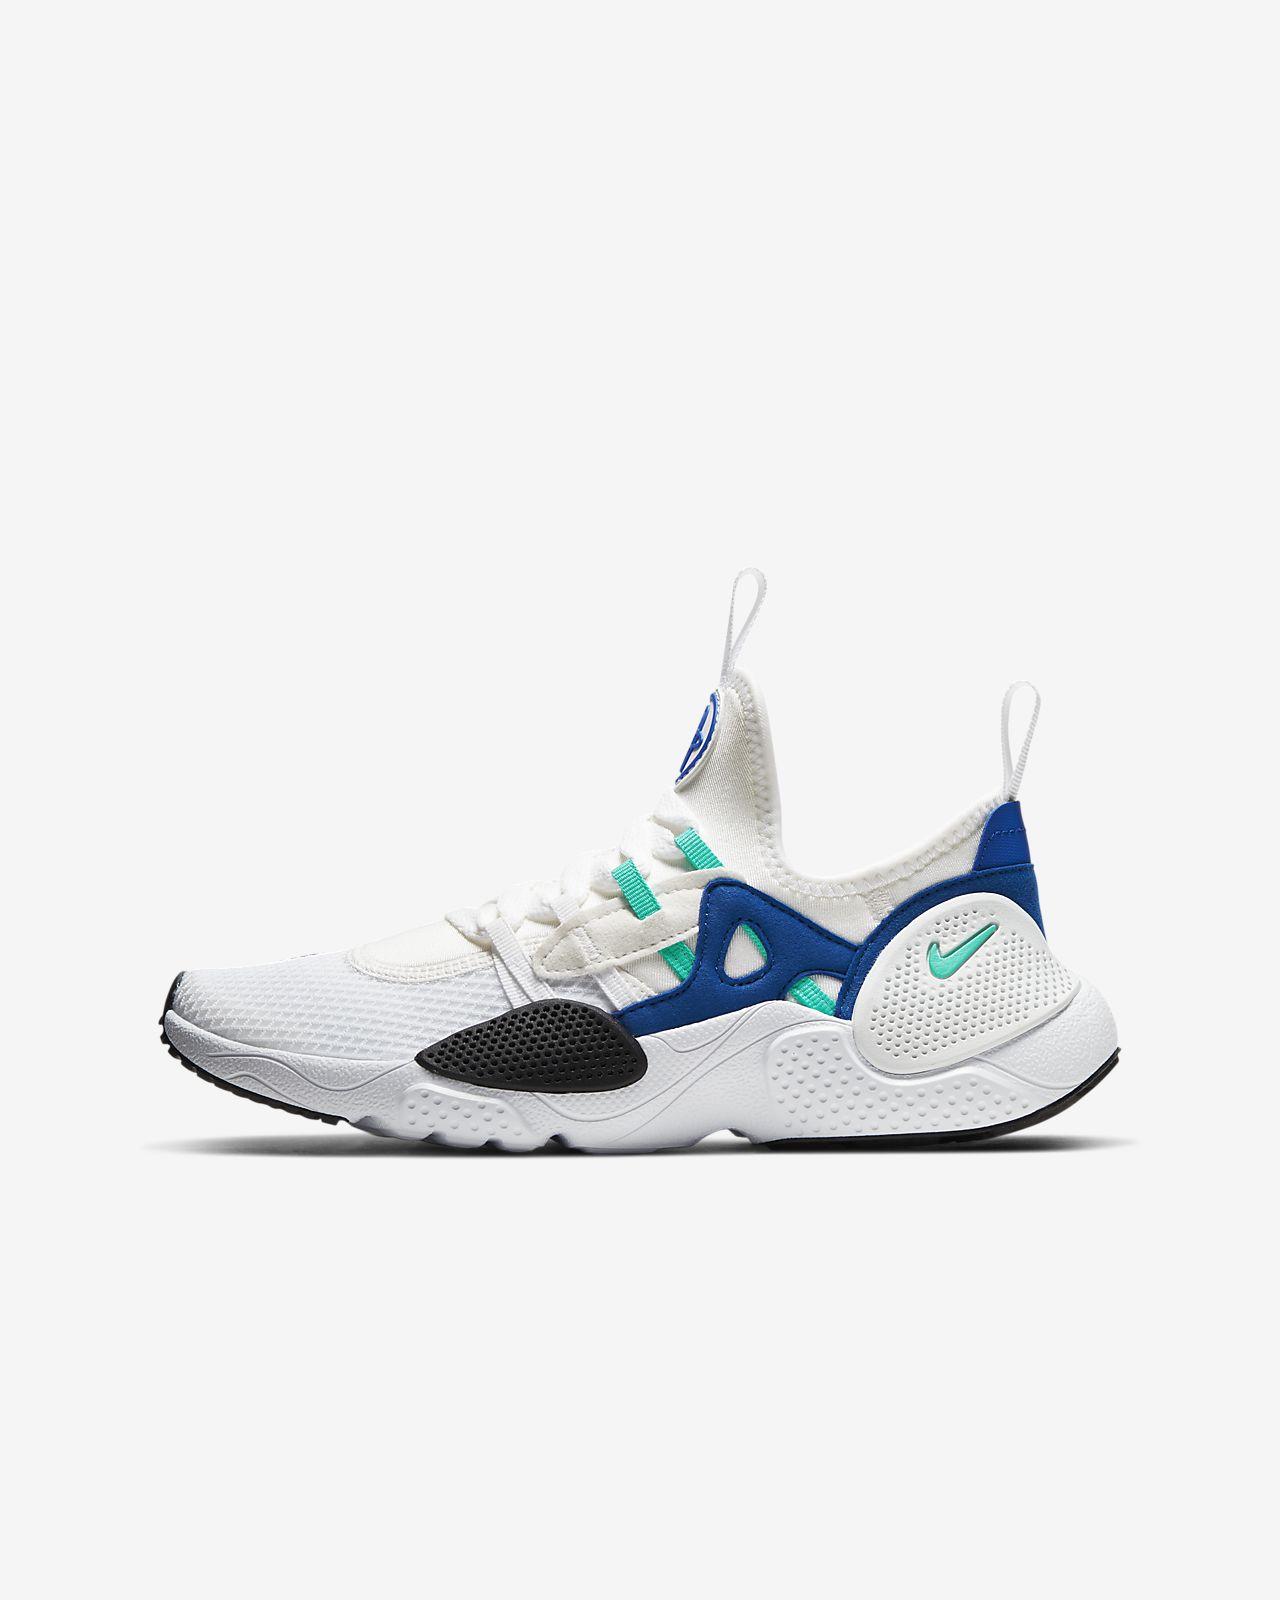 Nike Huarache E.D.G.E. TXTBG大童运动童鞋